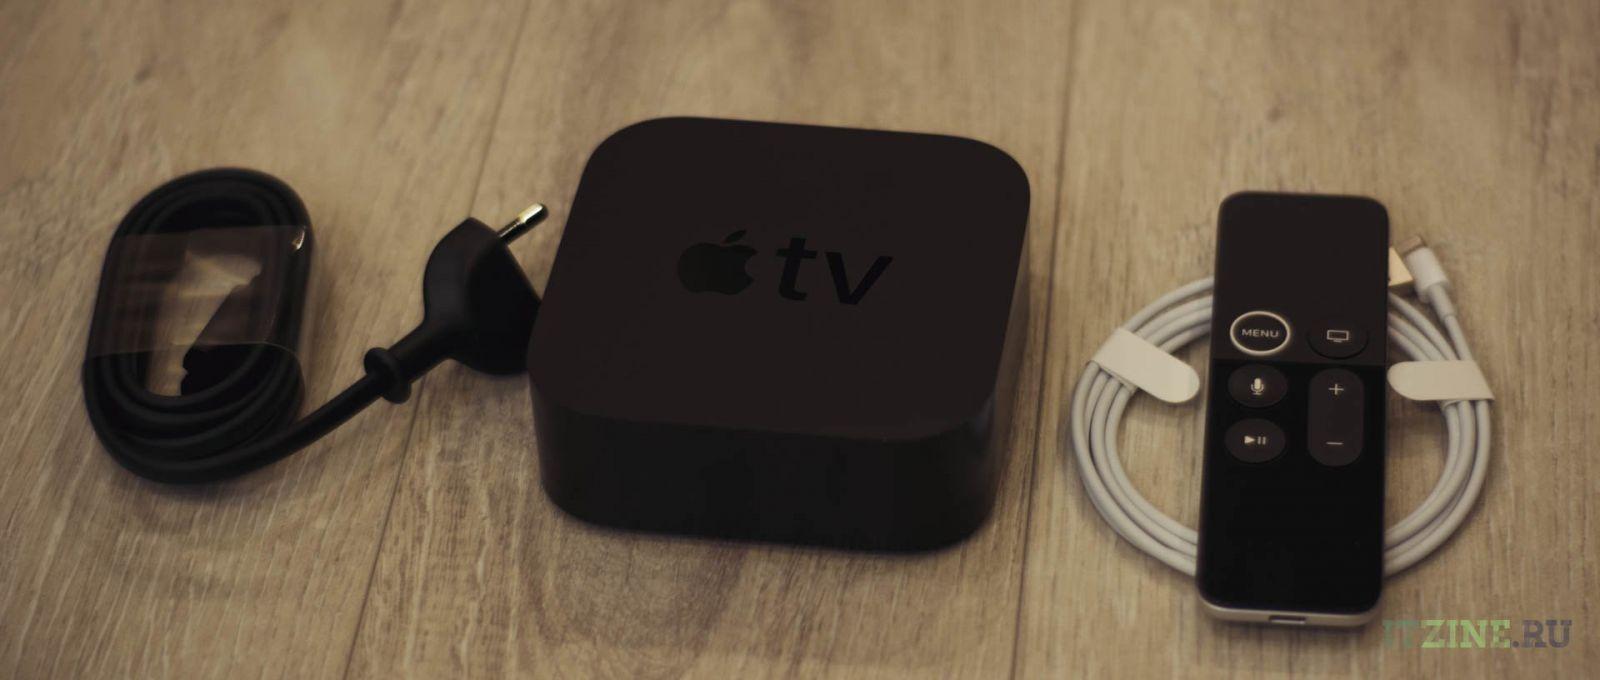 Обзор Apple TV 4K. Другие не нужны (dsc 8027)